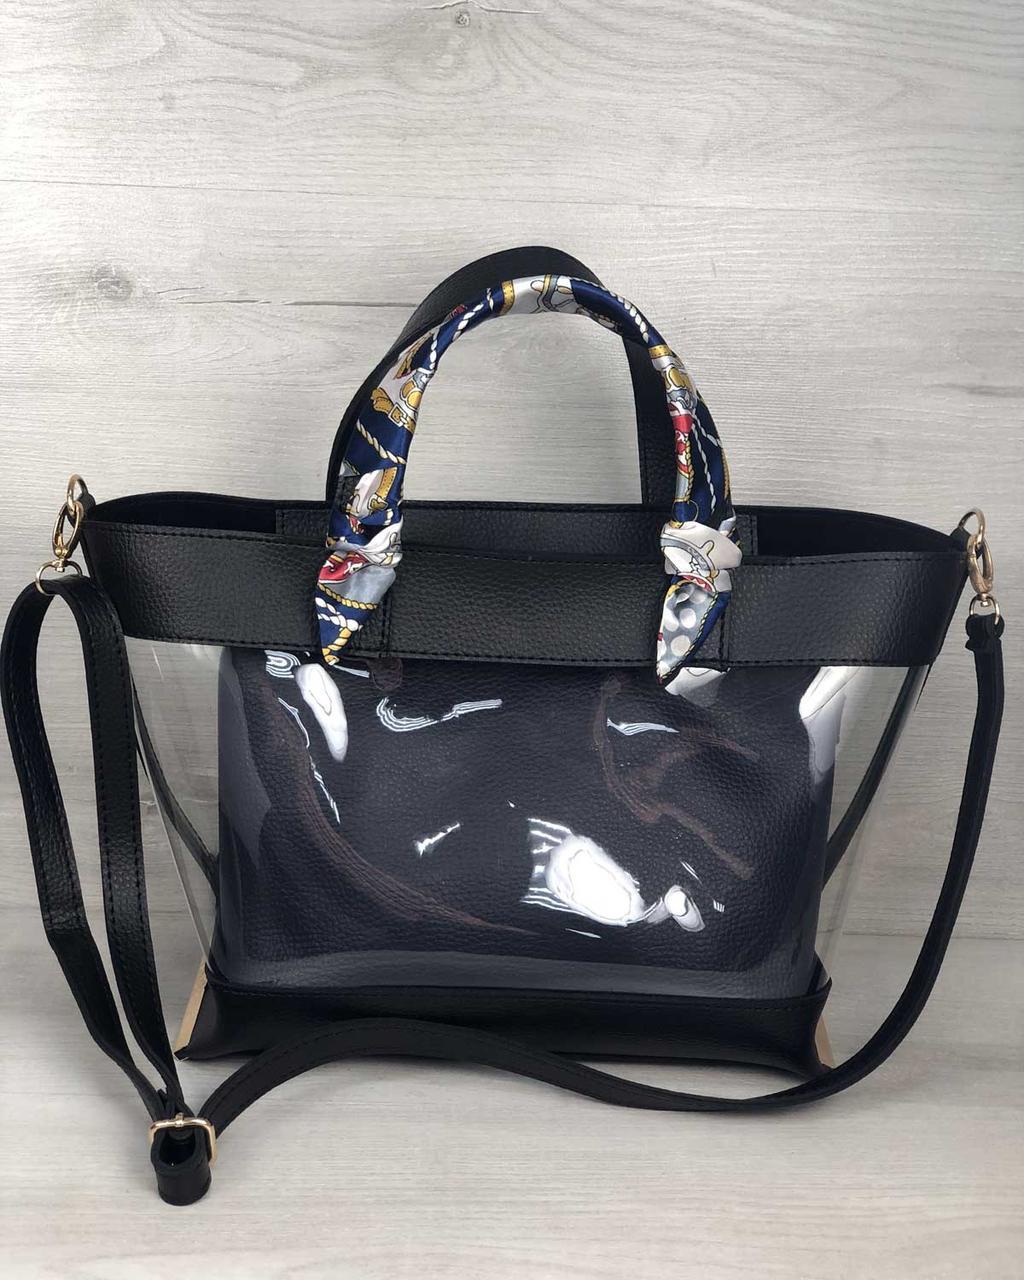 2в1 Молодежная сумка Амира черного цвета с силиконом и синей косметичкой